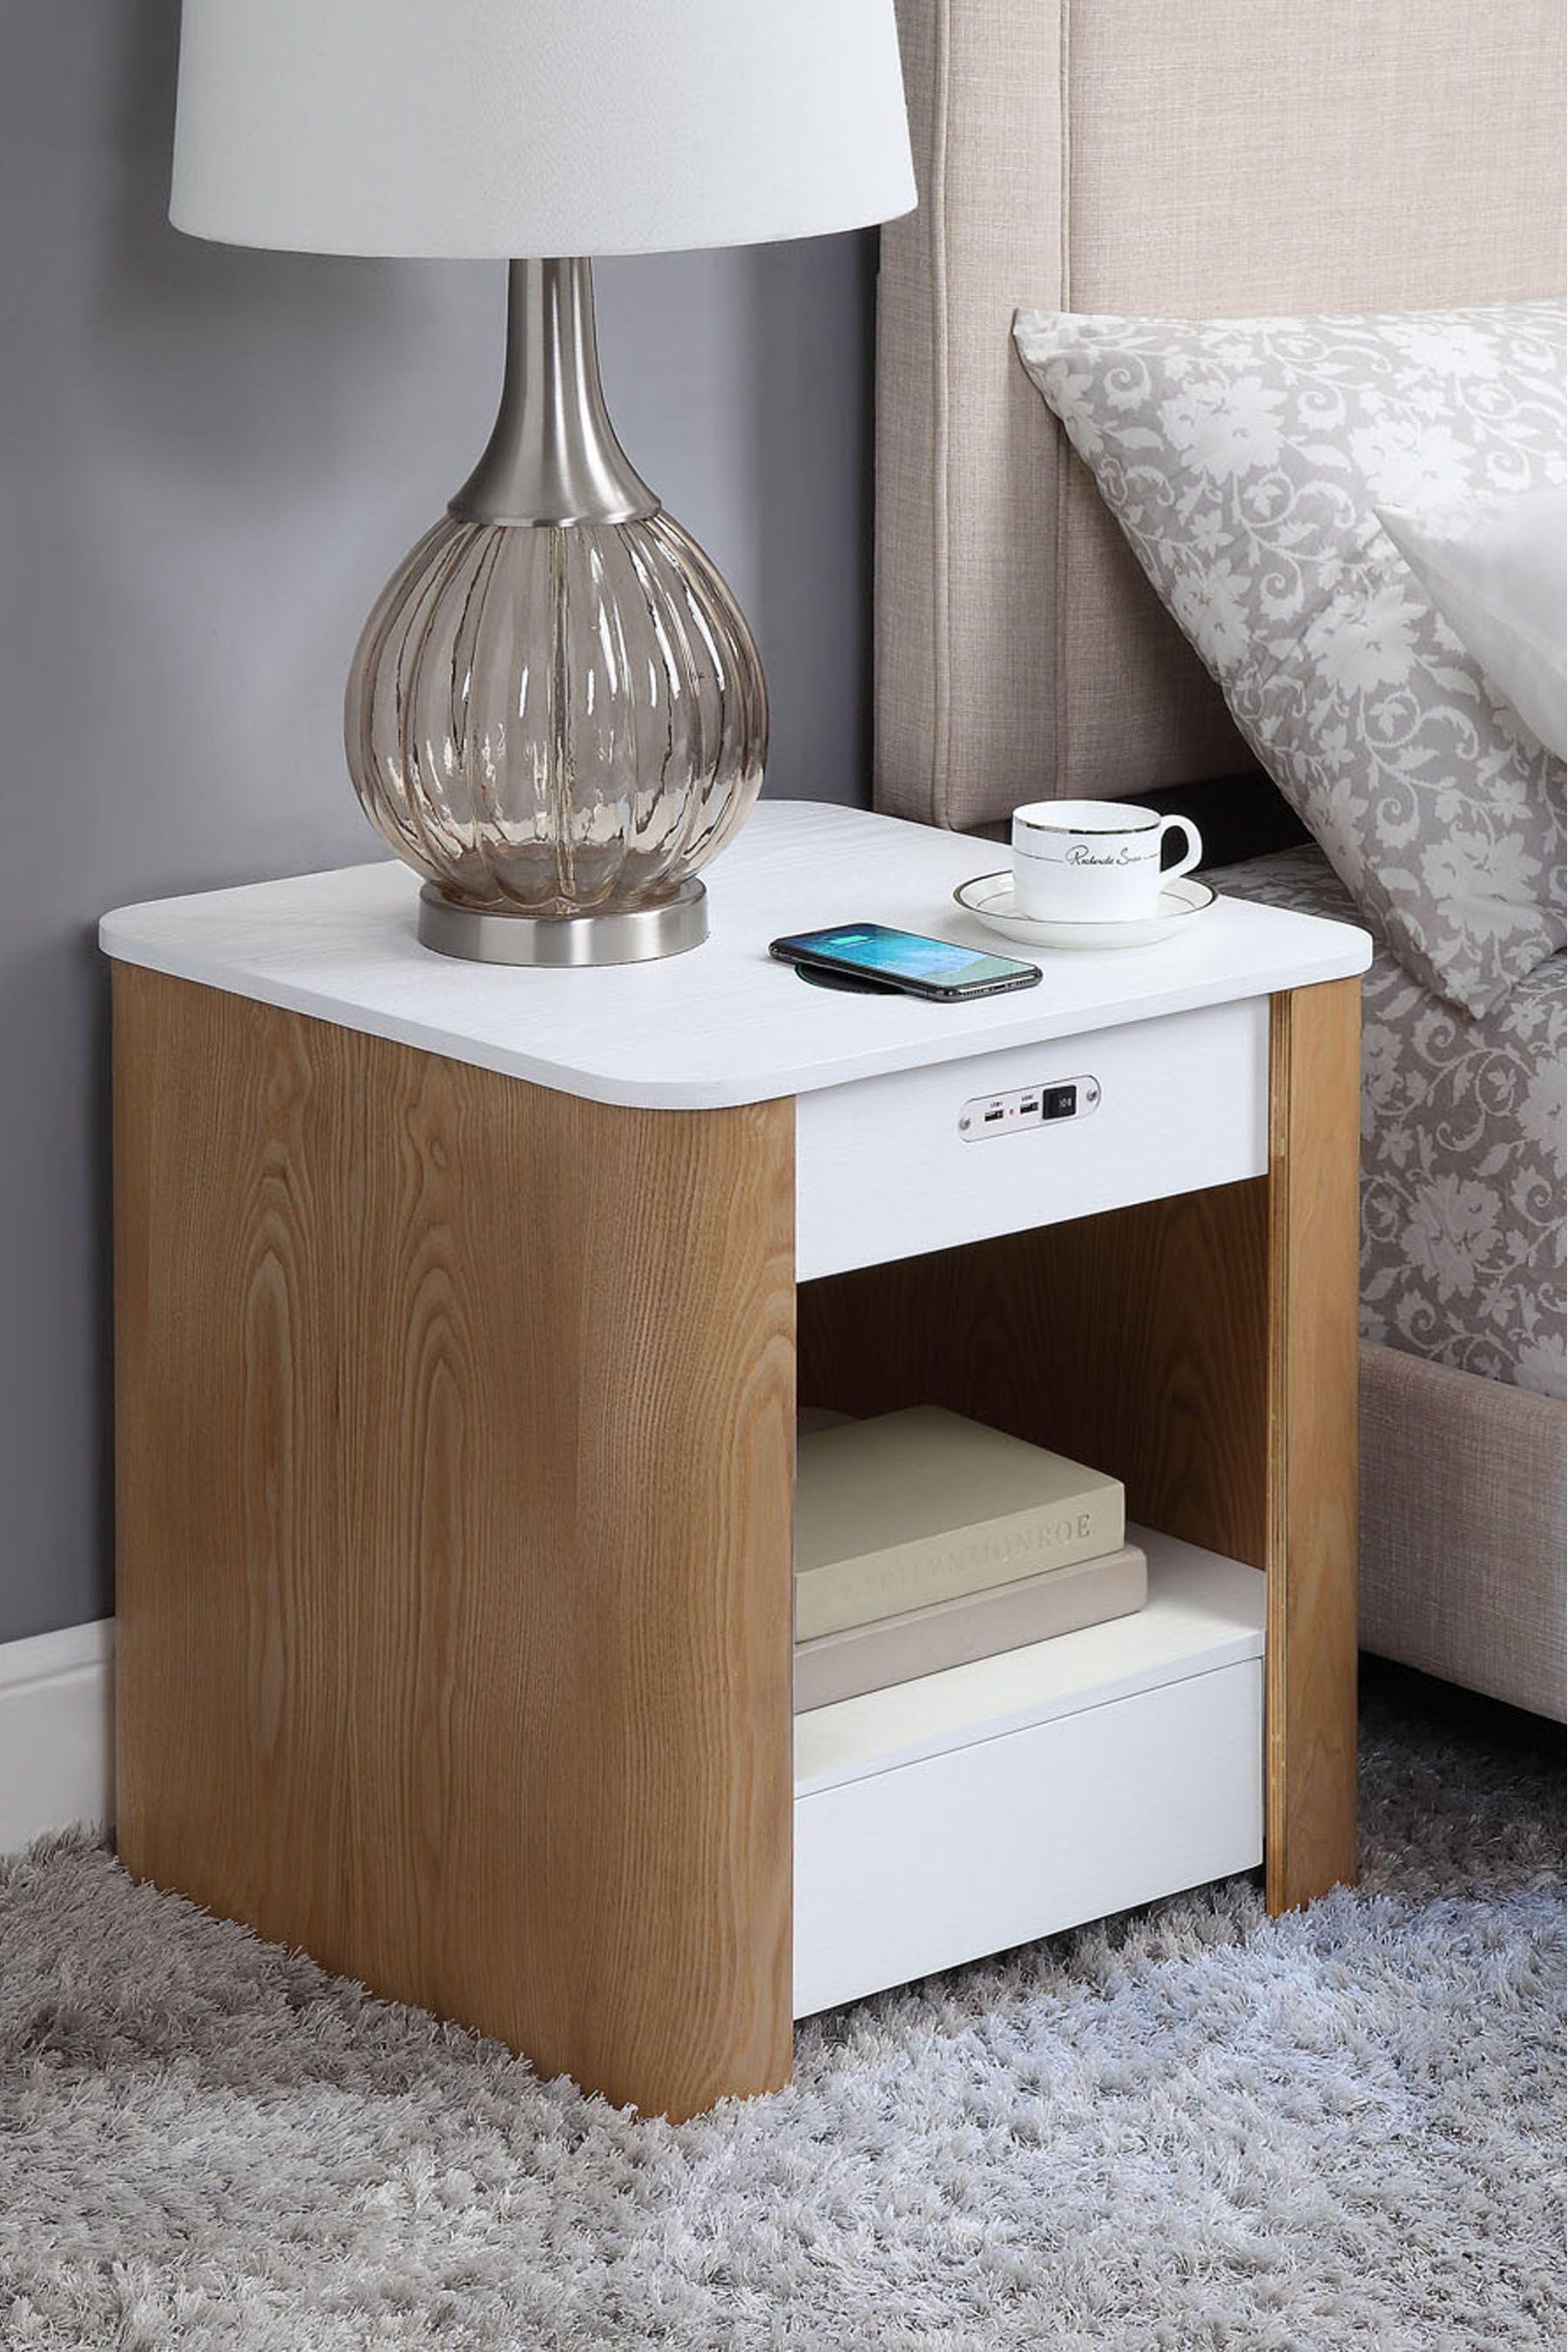 Smart Bedside Table